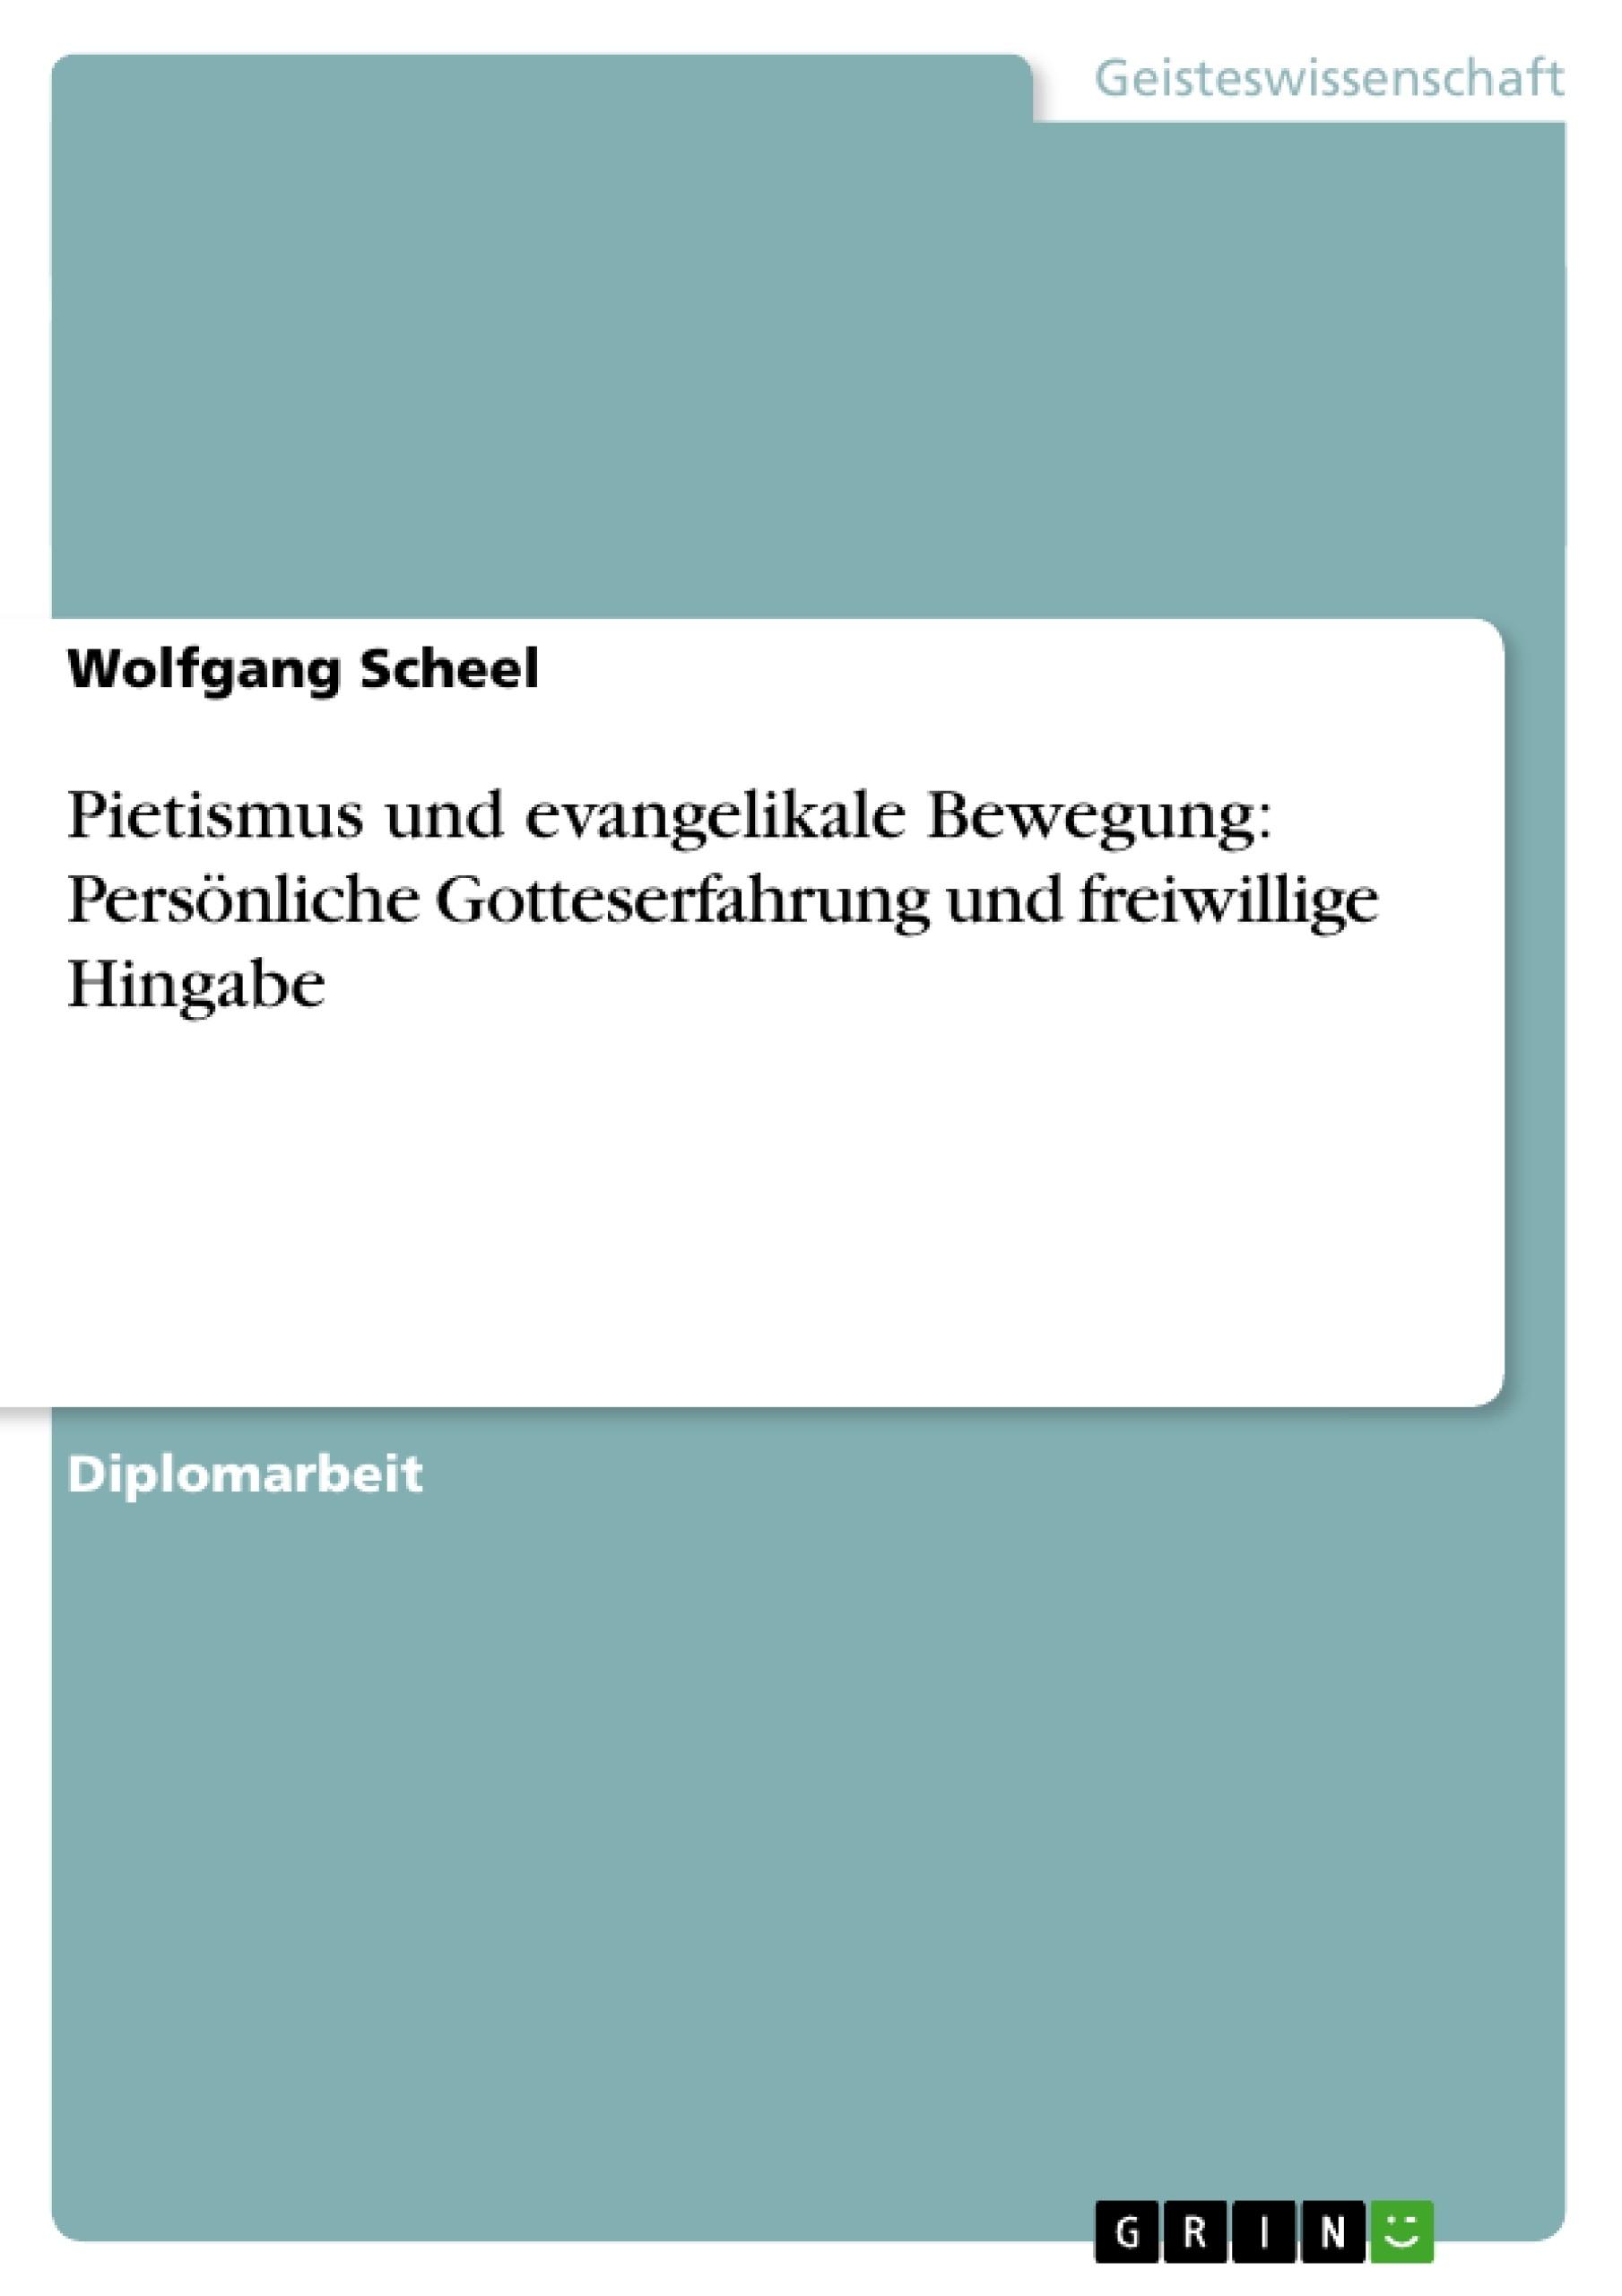 Titel: Pietismus und evangelikale Bewegung: Persönliche Gotteserfahrung und freiwillige Hingabe